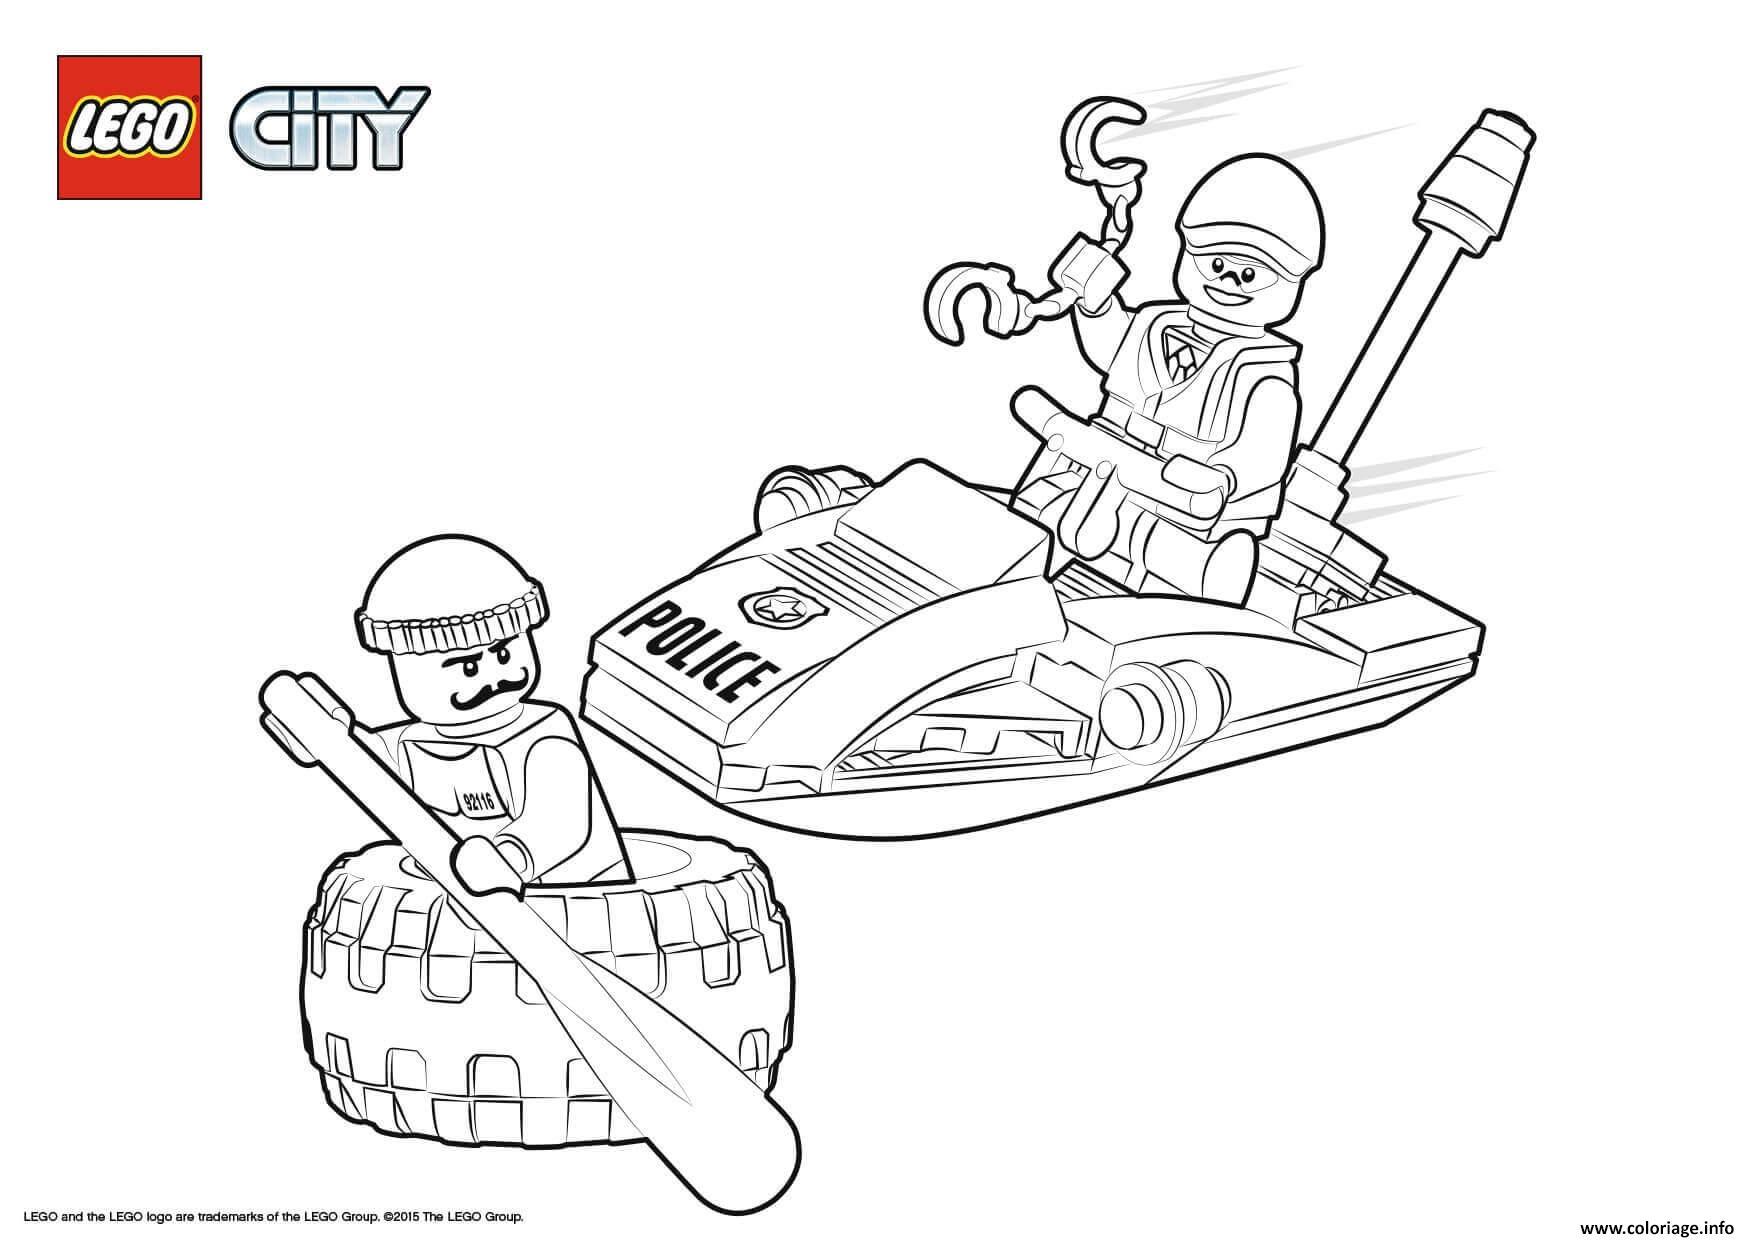 Dessin Lego City Police Tire Escape Coloriage Gratuit à Imprimer